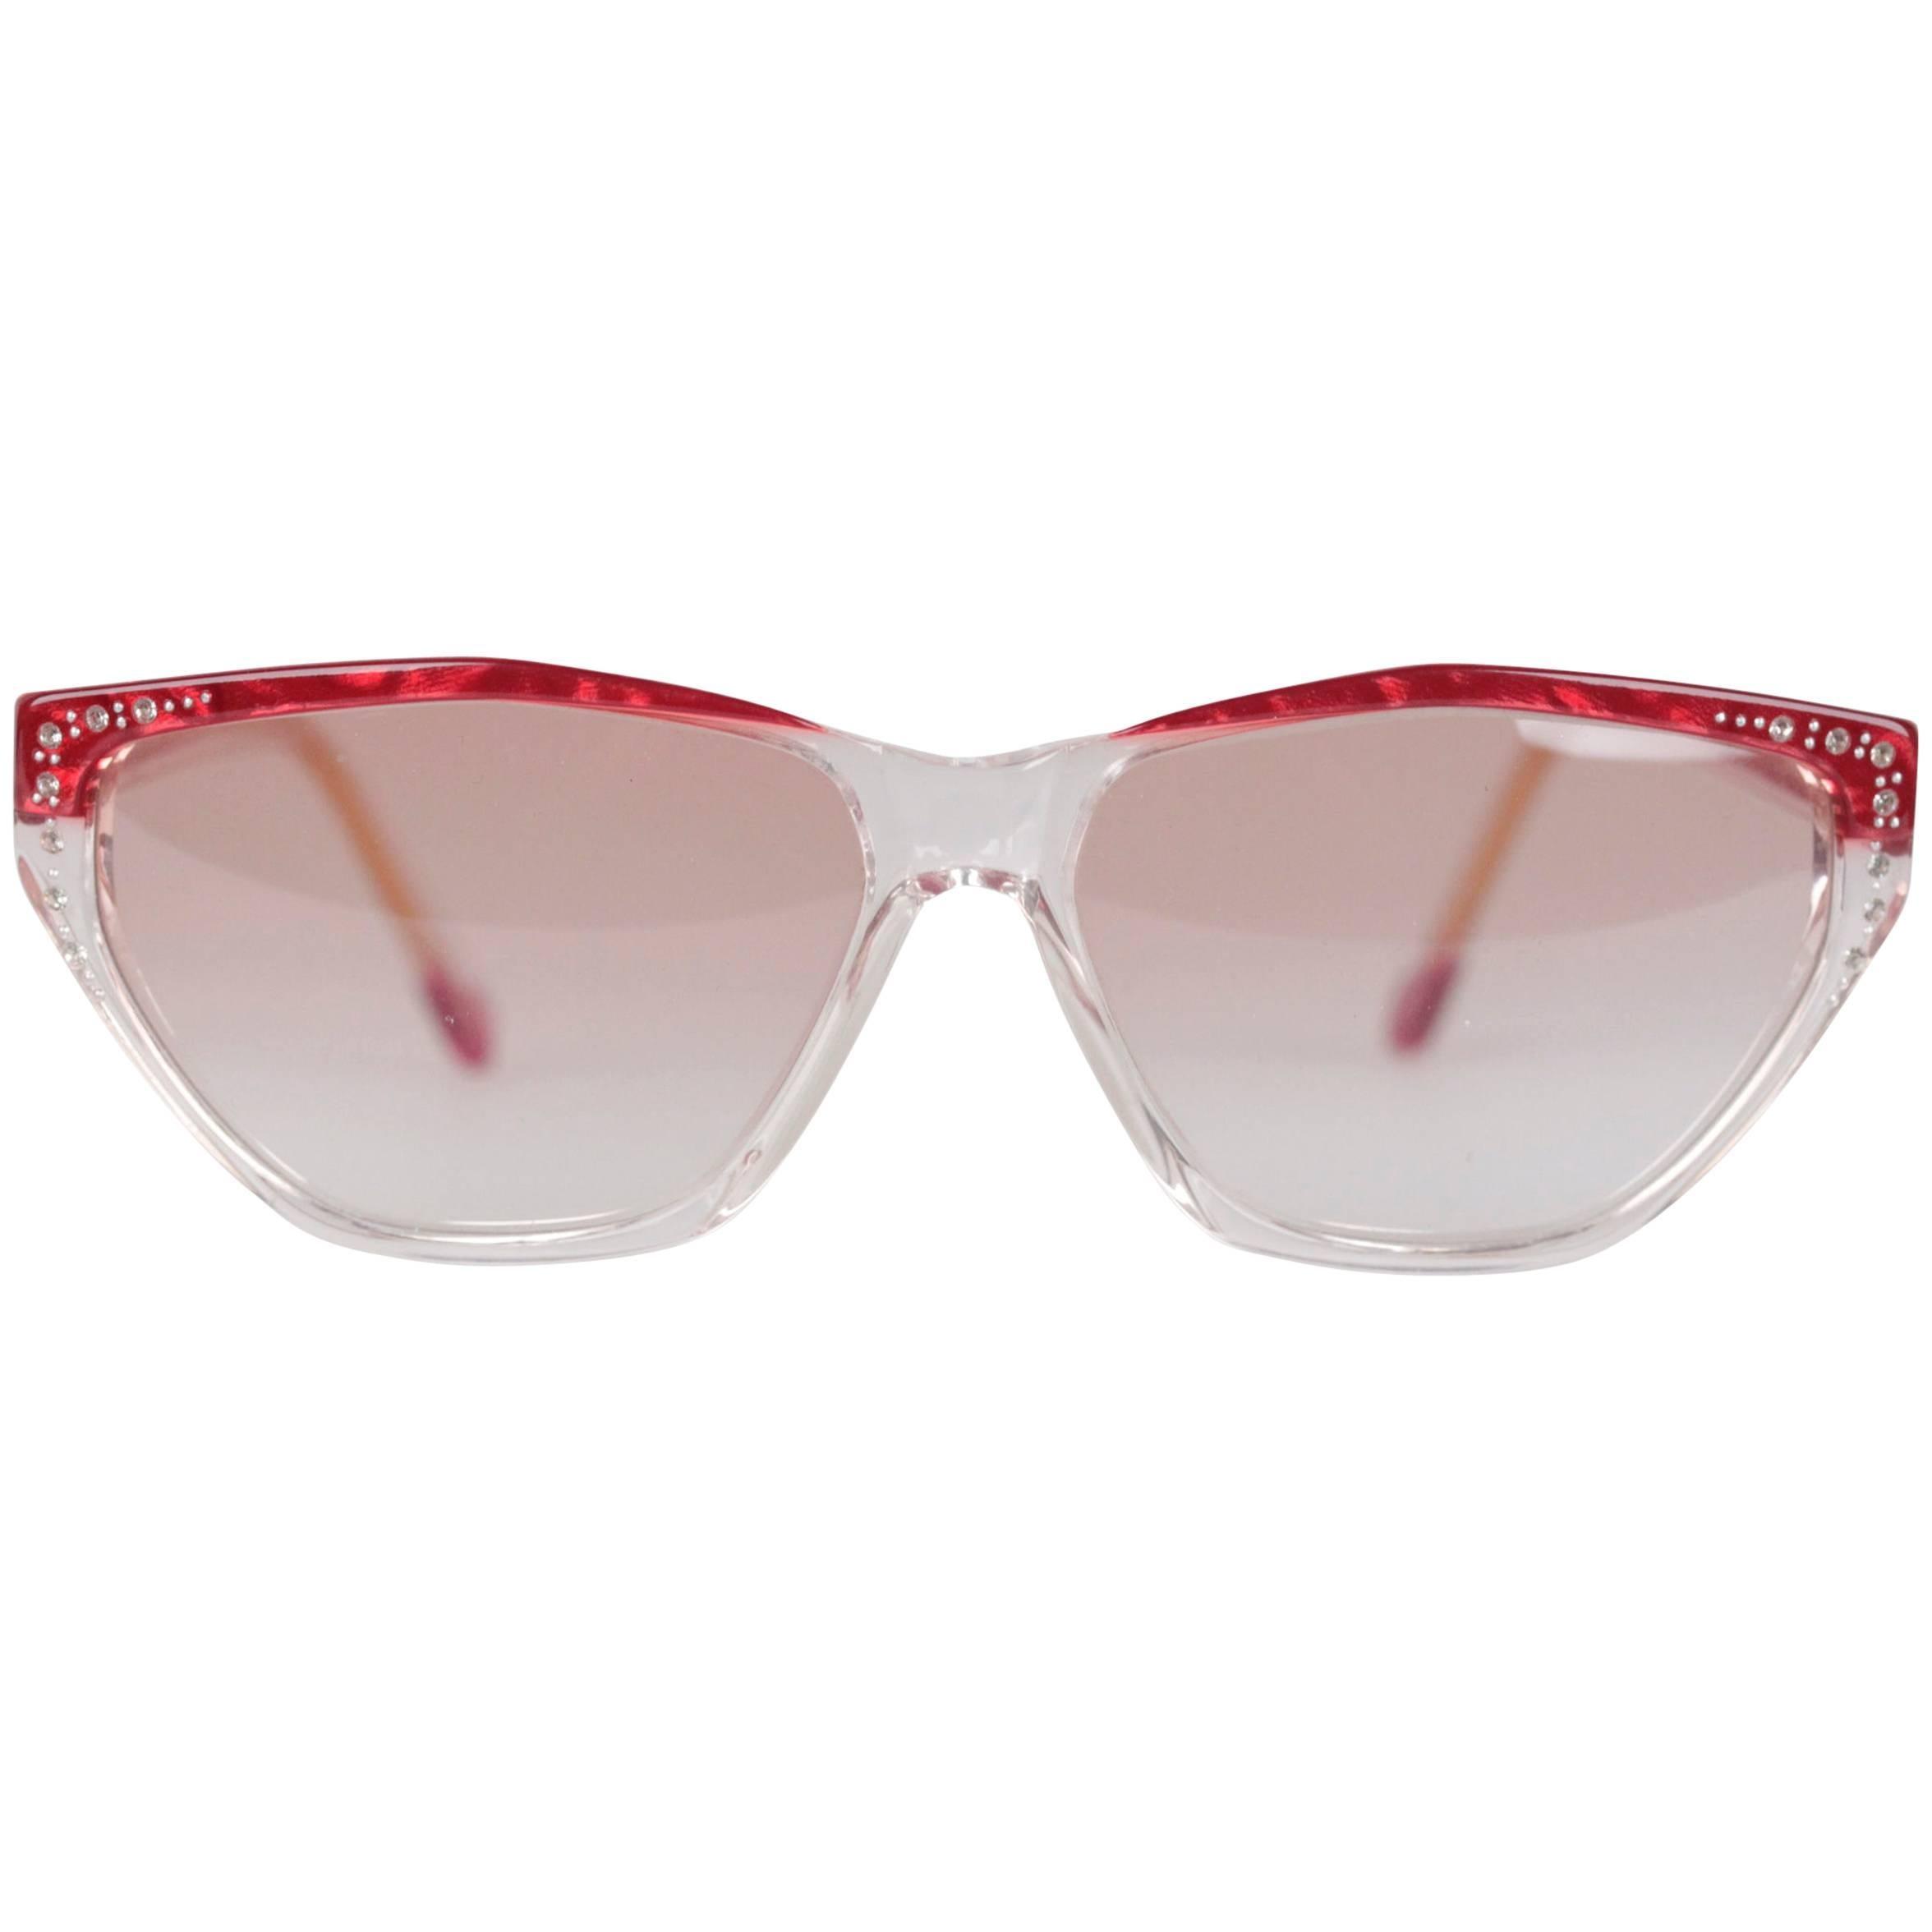 YVES SAINT LAURENT Vintage MINT Sunglasses HARPIES 60/13 w/RHINESTONES